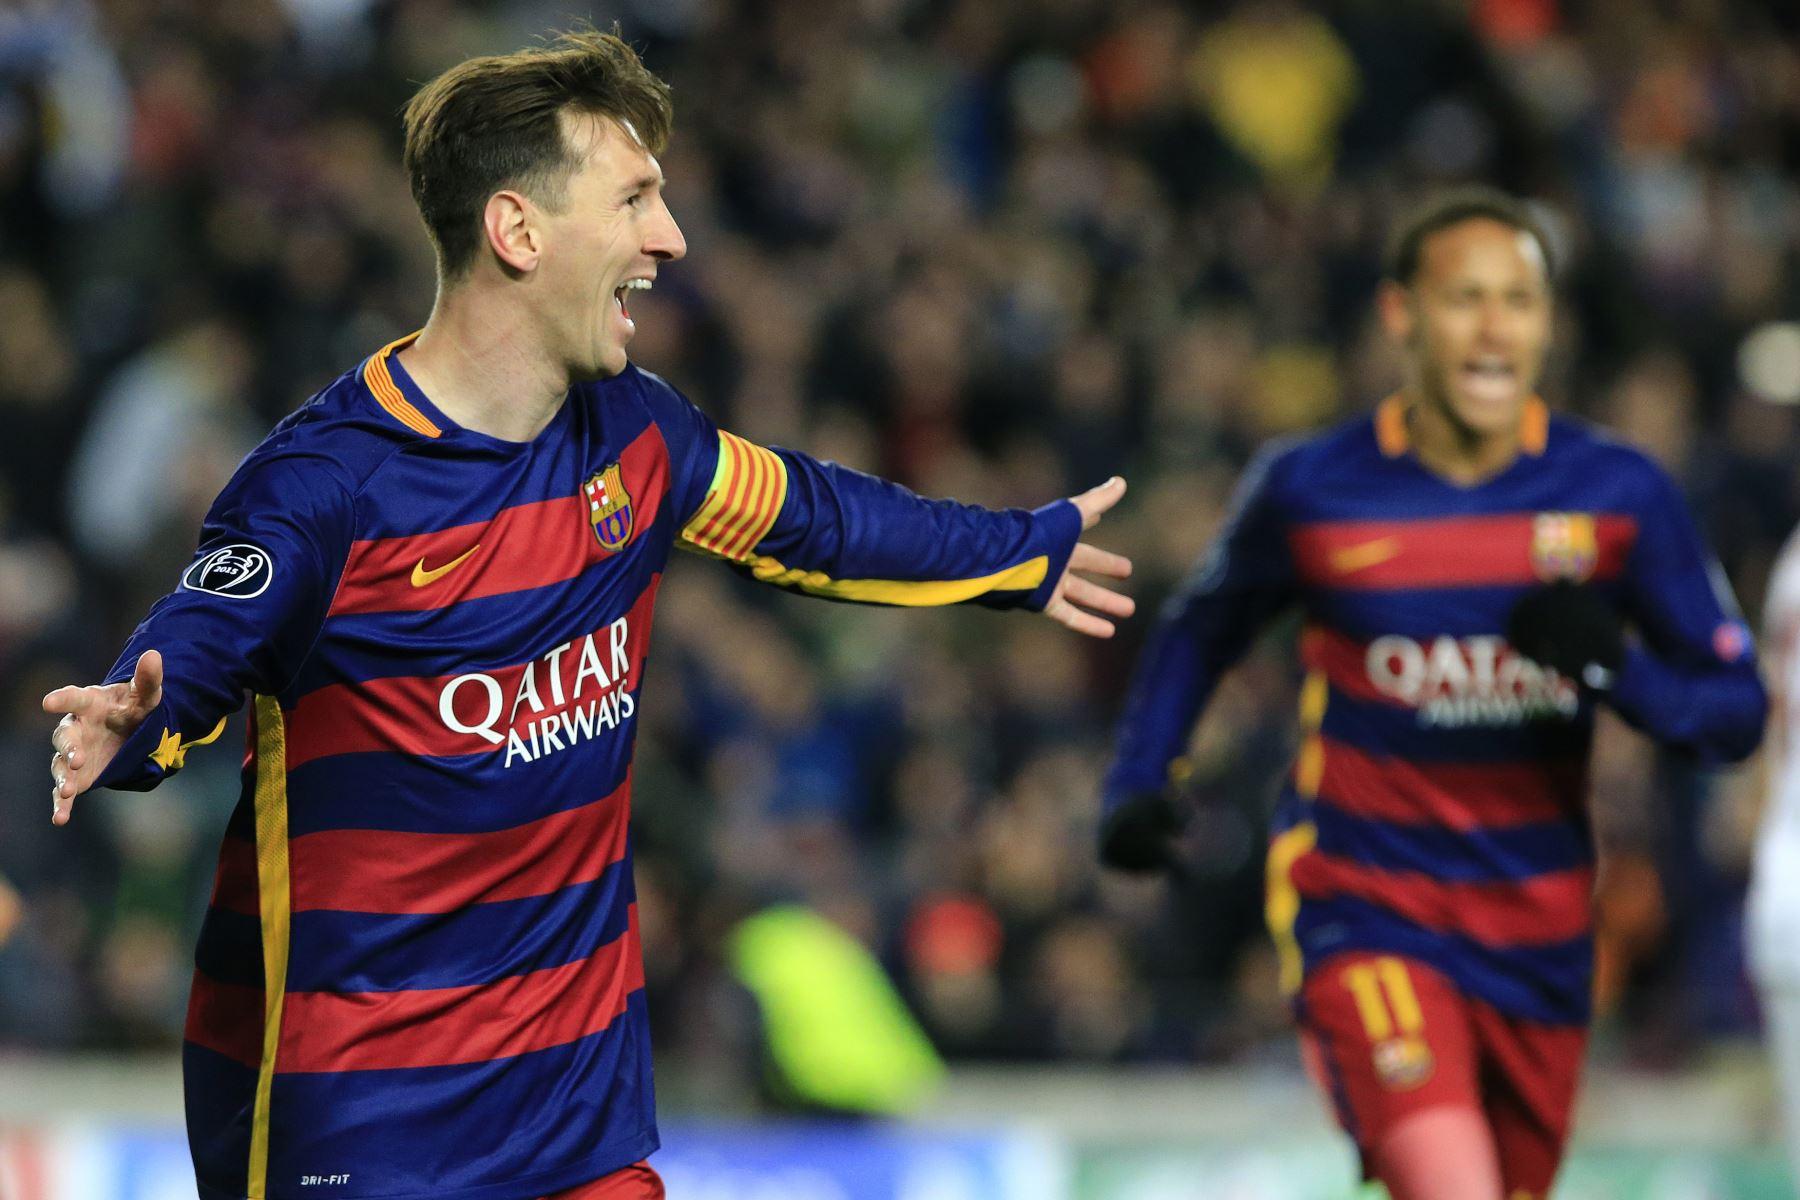 Barcelona se impone 6-1 a la Roma por la quinta jornada de la Liga de Campeones. Foto: AFP.